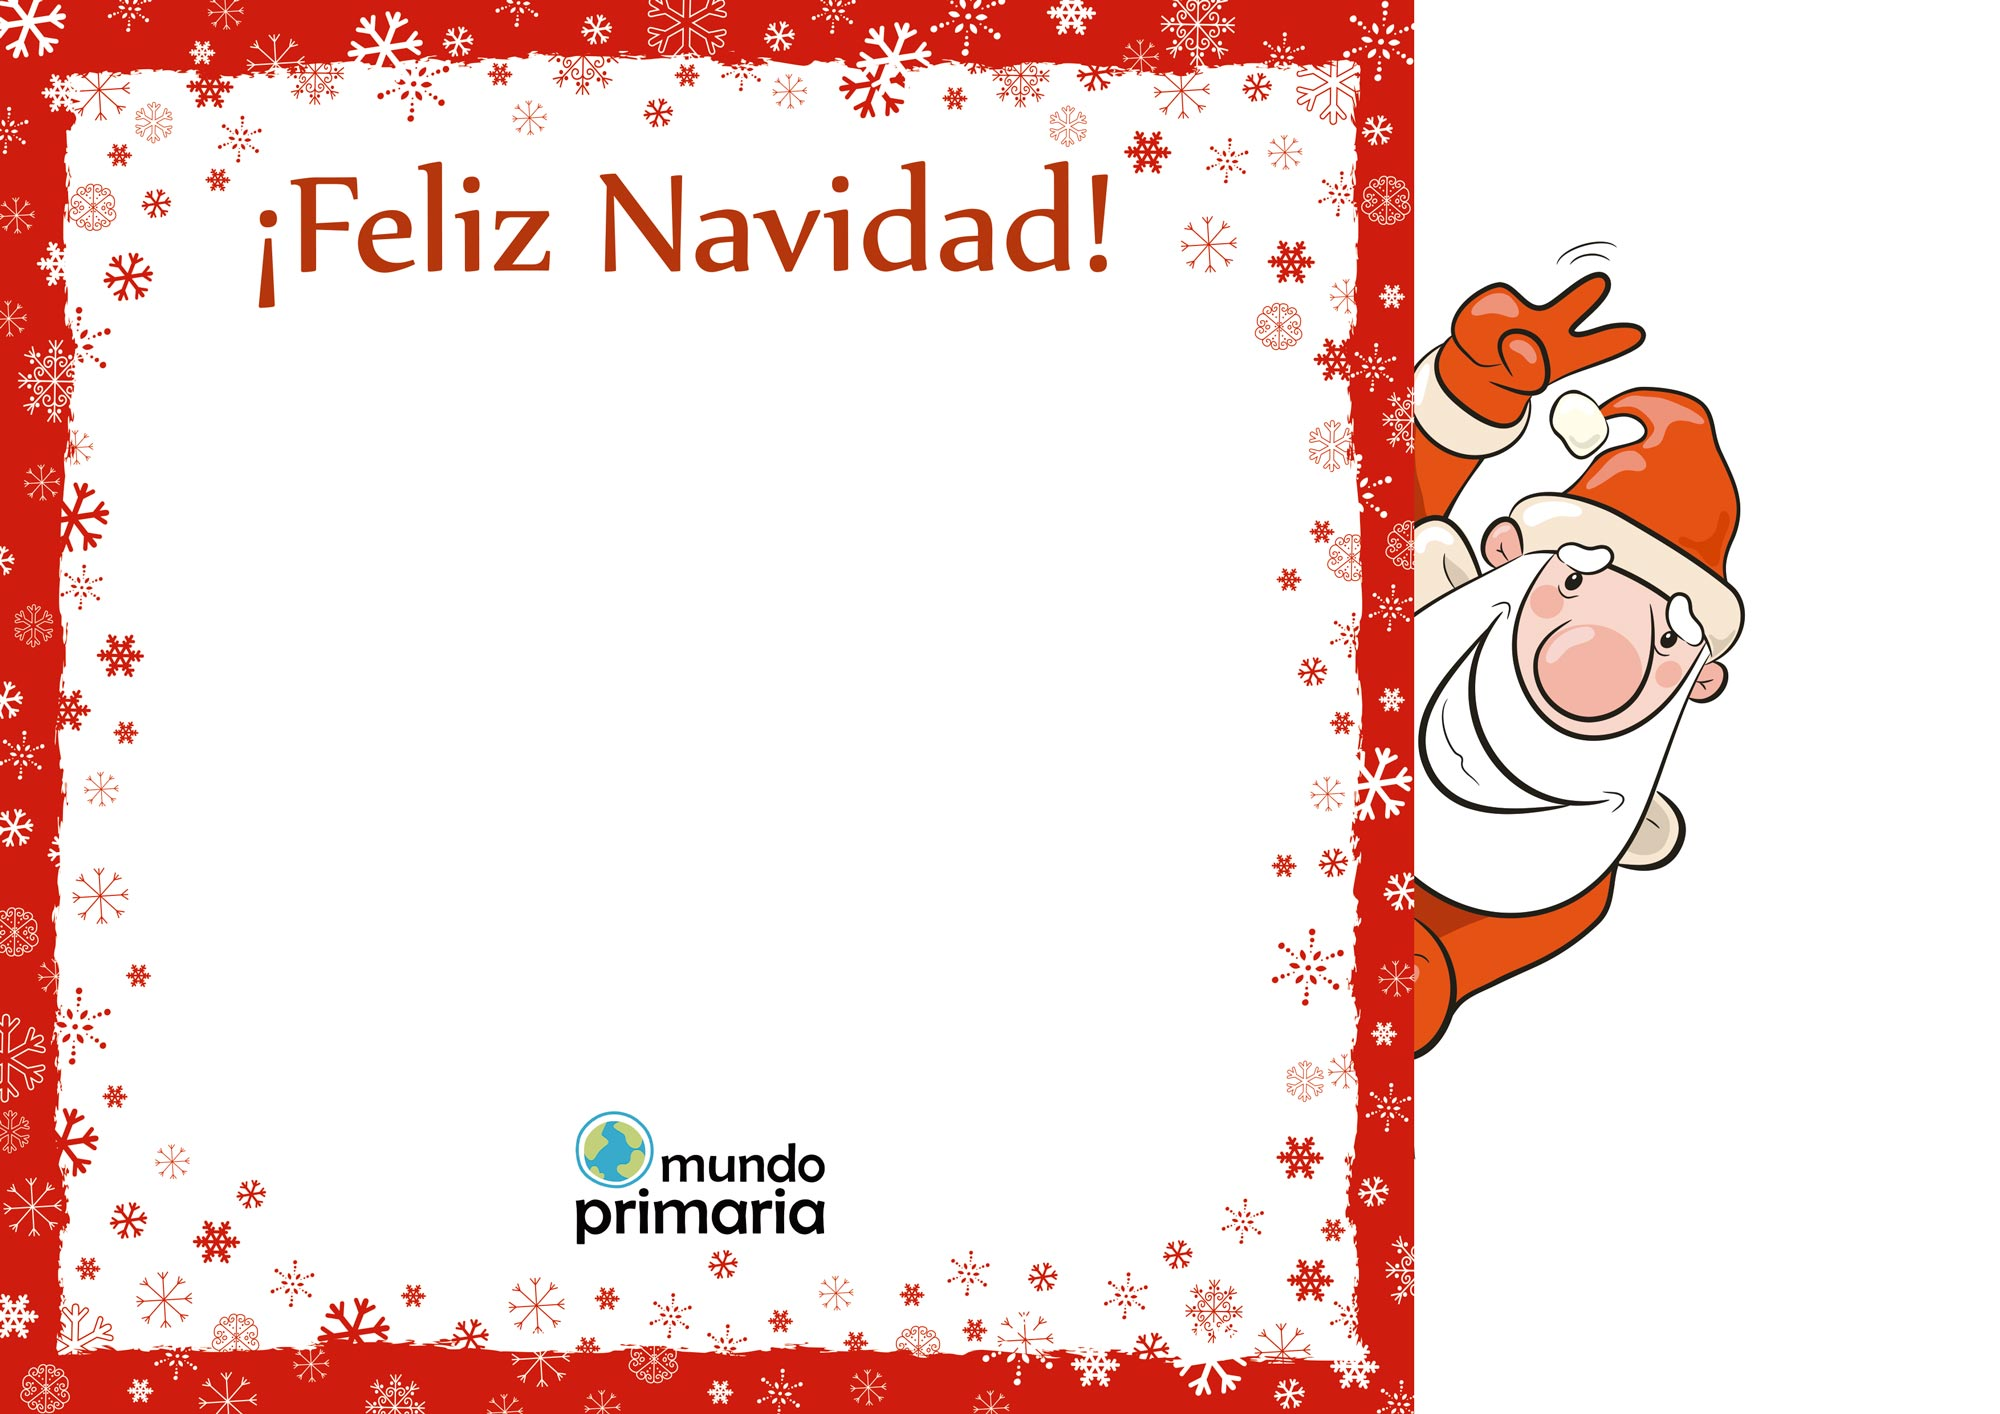 Felicitaciones de navidad con dibujos para ni os for Dibujos postales navidad ninos